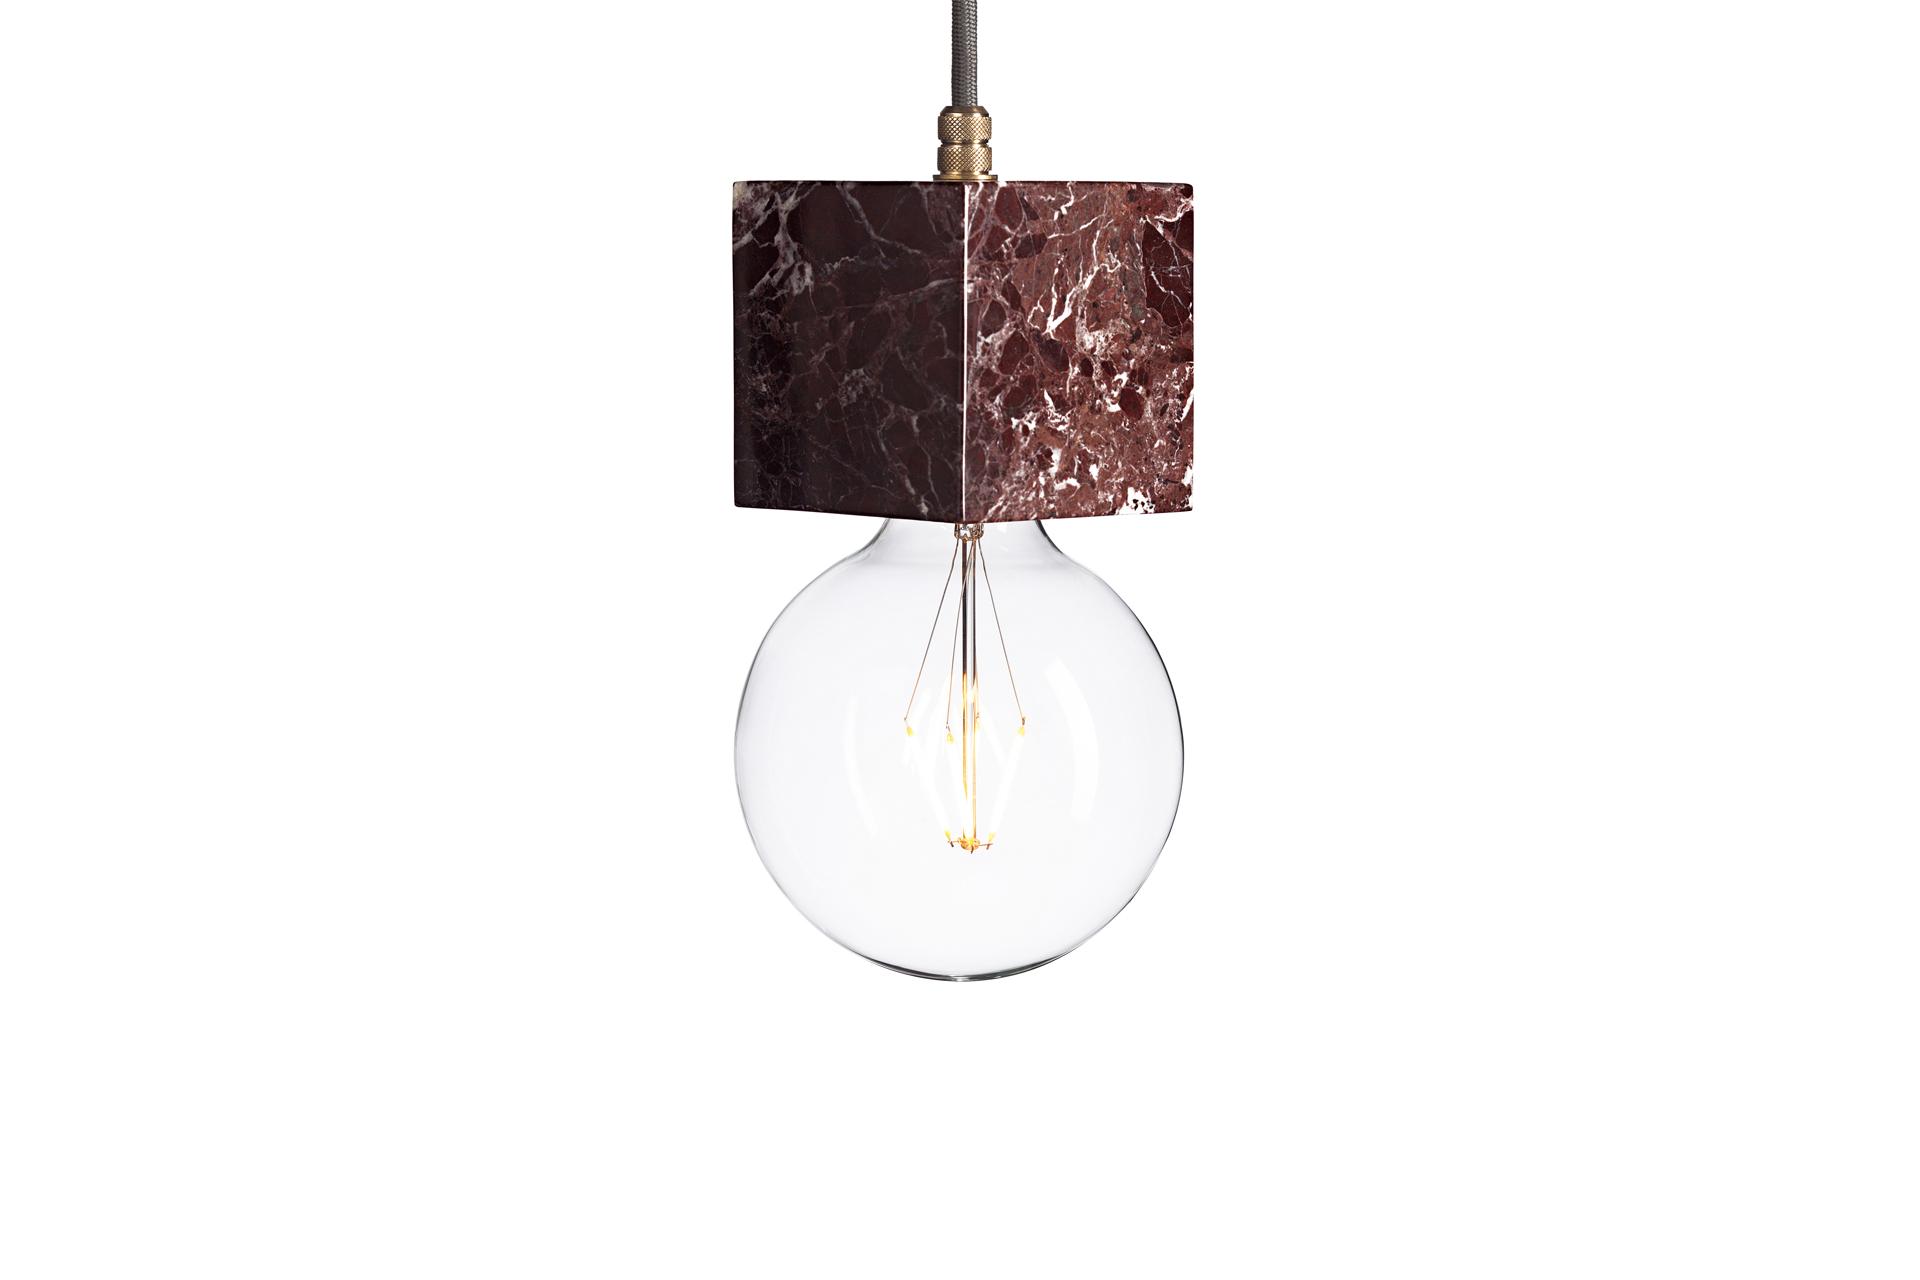 Подвесной светильник Marmor VeldiПодвесные светильники<br>Подвесной светильник &amp;quot;Marmor Veldi&amp;quot; будет прекрасно смотреться в интерьерах в промышленном стиле. Сочетание утонченного силуэта круглой лампы и строго квадратного основания заворожит гармонией противоречий ценителей оригинальных предметов. Натуральный мрамор благородного цвета очарует любителей роскоши, которые не стремятся выставлять ее напоказ.&amp;lt;div&amp;gt;&amp;lt;br&amp;gt;&amp;lt;/div&amp;gt;&amp;lt;div&amp;gt;Лампочка приобретается отдельно. Цоколь Е27, максимальная мощность лампочки - 60 W, длина шнура - 3 м. &amp;amp;nbsp;&amp;amp;nbsp;&amp;lt;/div&amp;gt;&amp;lt;div&amp;gt;Материал: корпус - мрамор Rosso Levanto, фурнитура - латунь, сталь, патрон - пластик, кабель в оплетке. Под заказ. Срок изготовления 3 недели.&amp;amp;nbsp;&amp;lt;/div&amp;gt;<br><br>Material: Мрамор<br>Высота см: 10